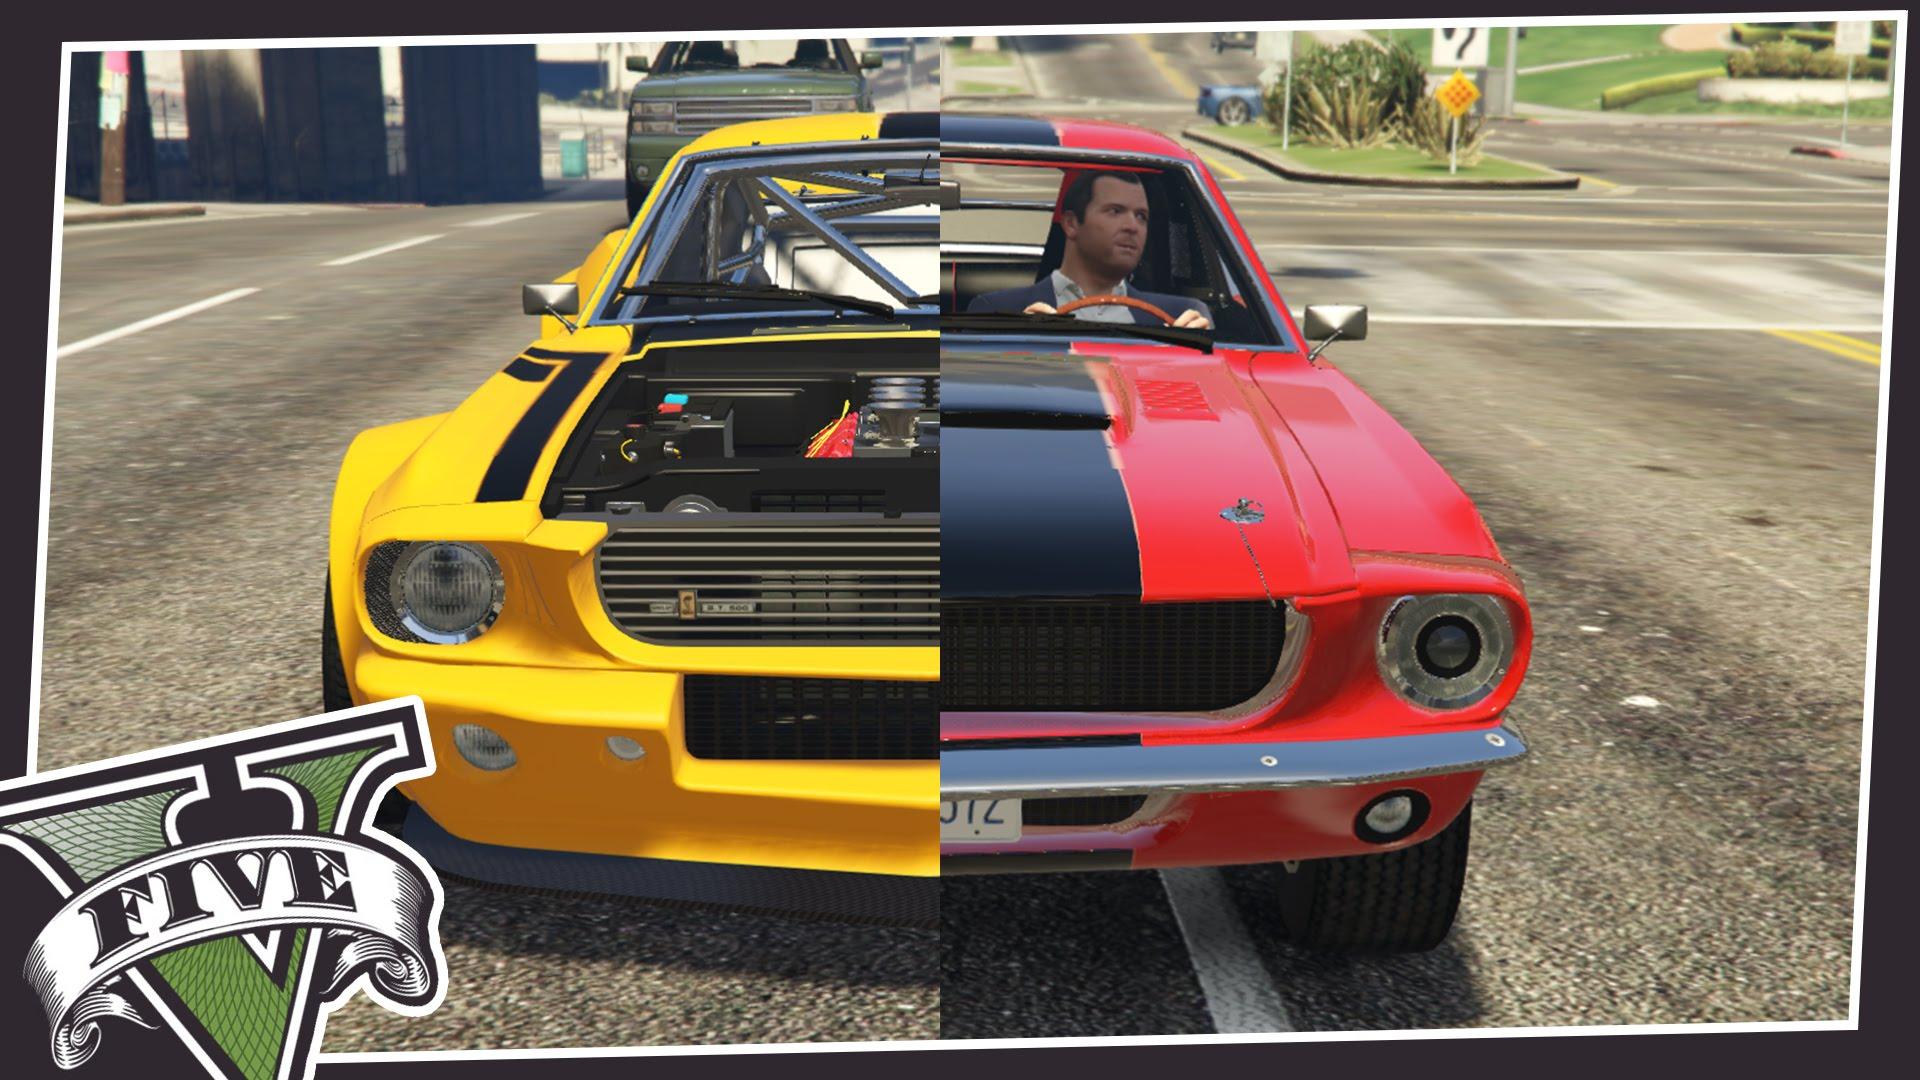 BEST MODIFIED CAR MOD IN GTA 5! - YouTube